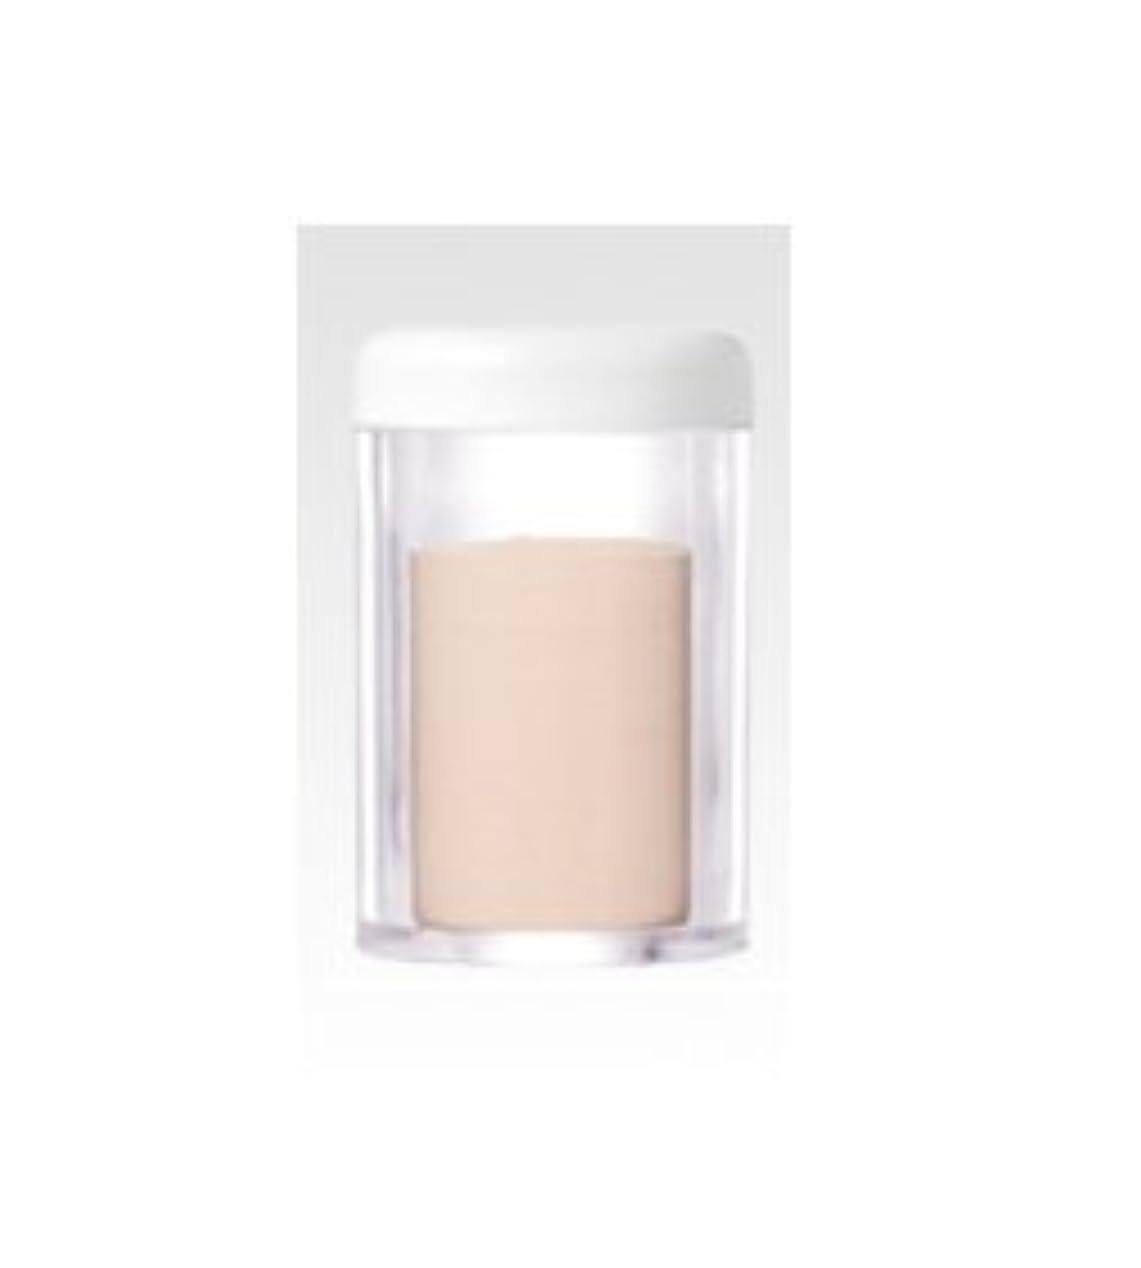 ストライク病気式ゲマイン UVパウダーリフィル(詰替用) /6g(全2色) SPF50+ / PA+++【ナチュラルライト】